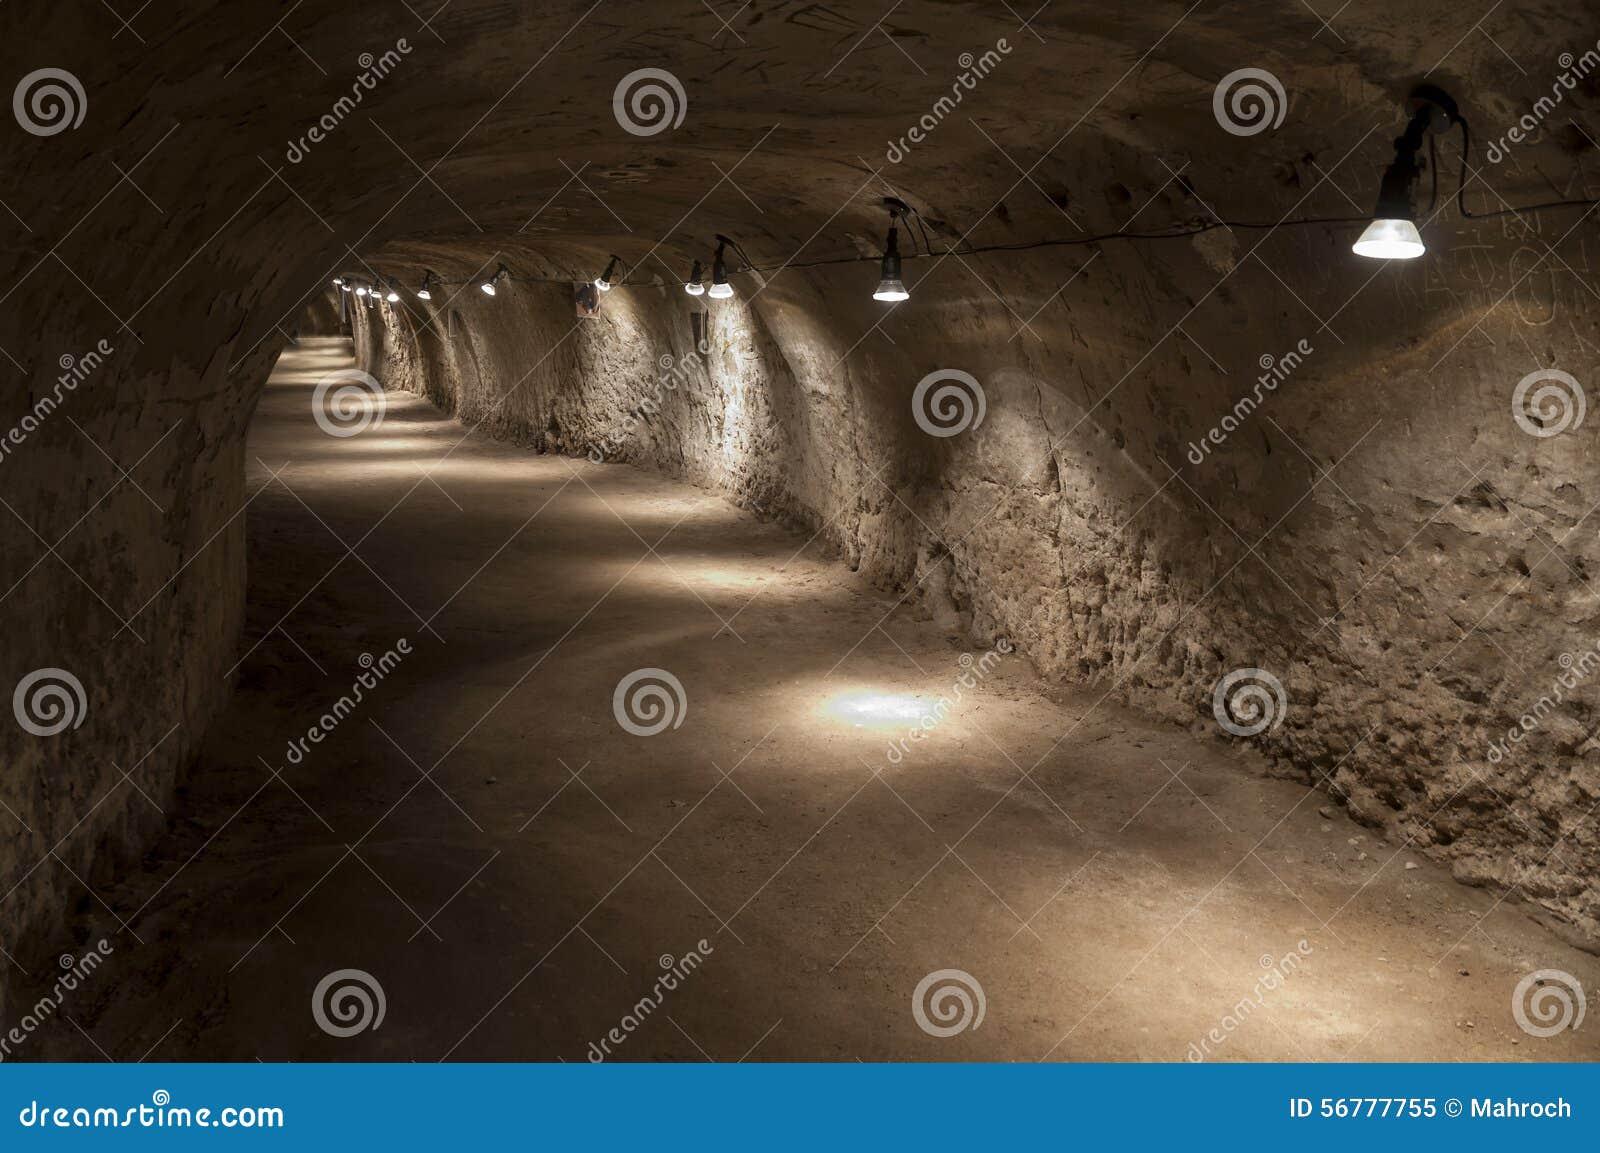 Tunnel in tuff - rots van vulkanische as wordt gemaakt die